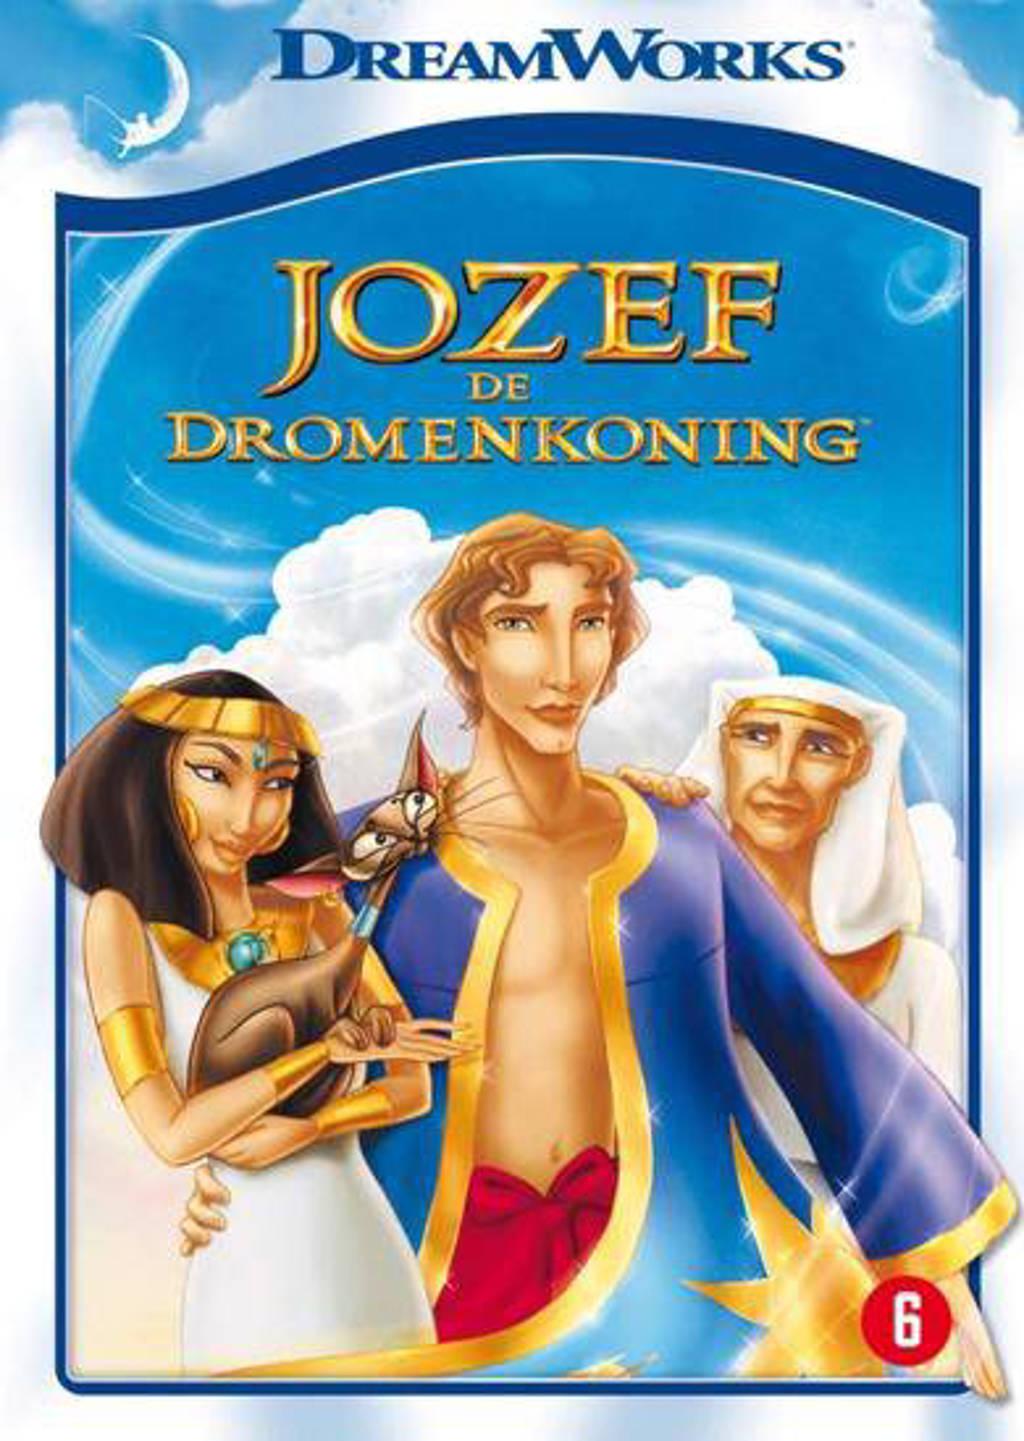 Jozef de dromenkoning (DVD)